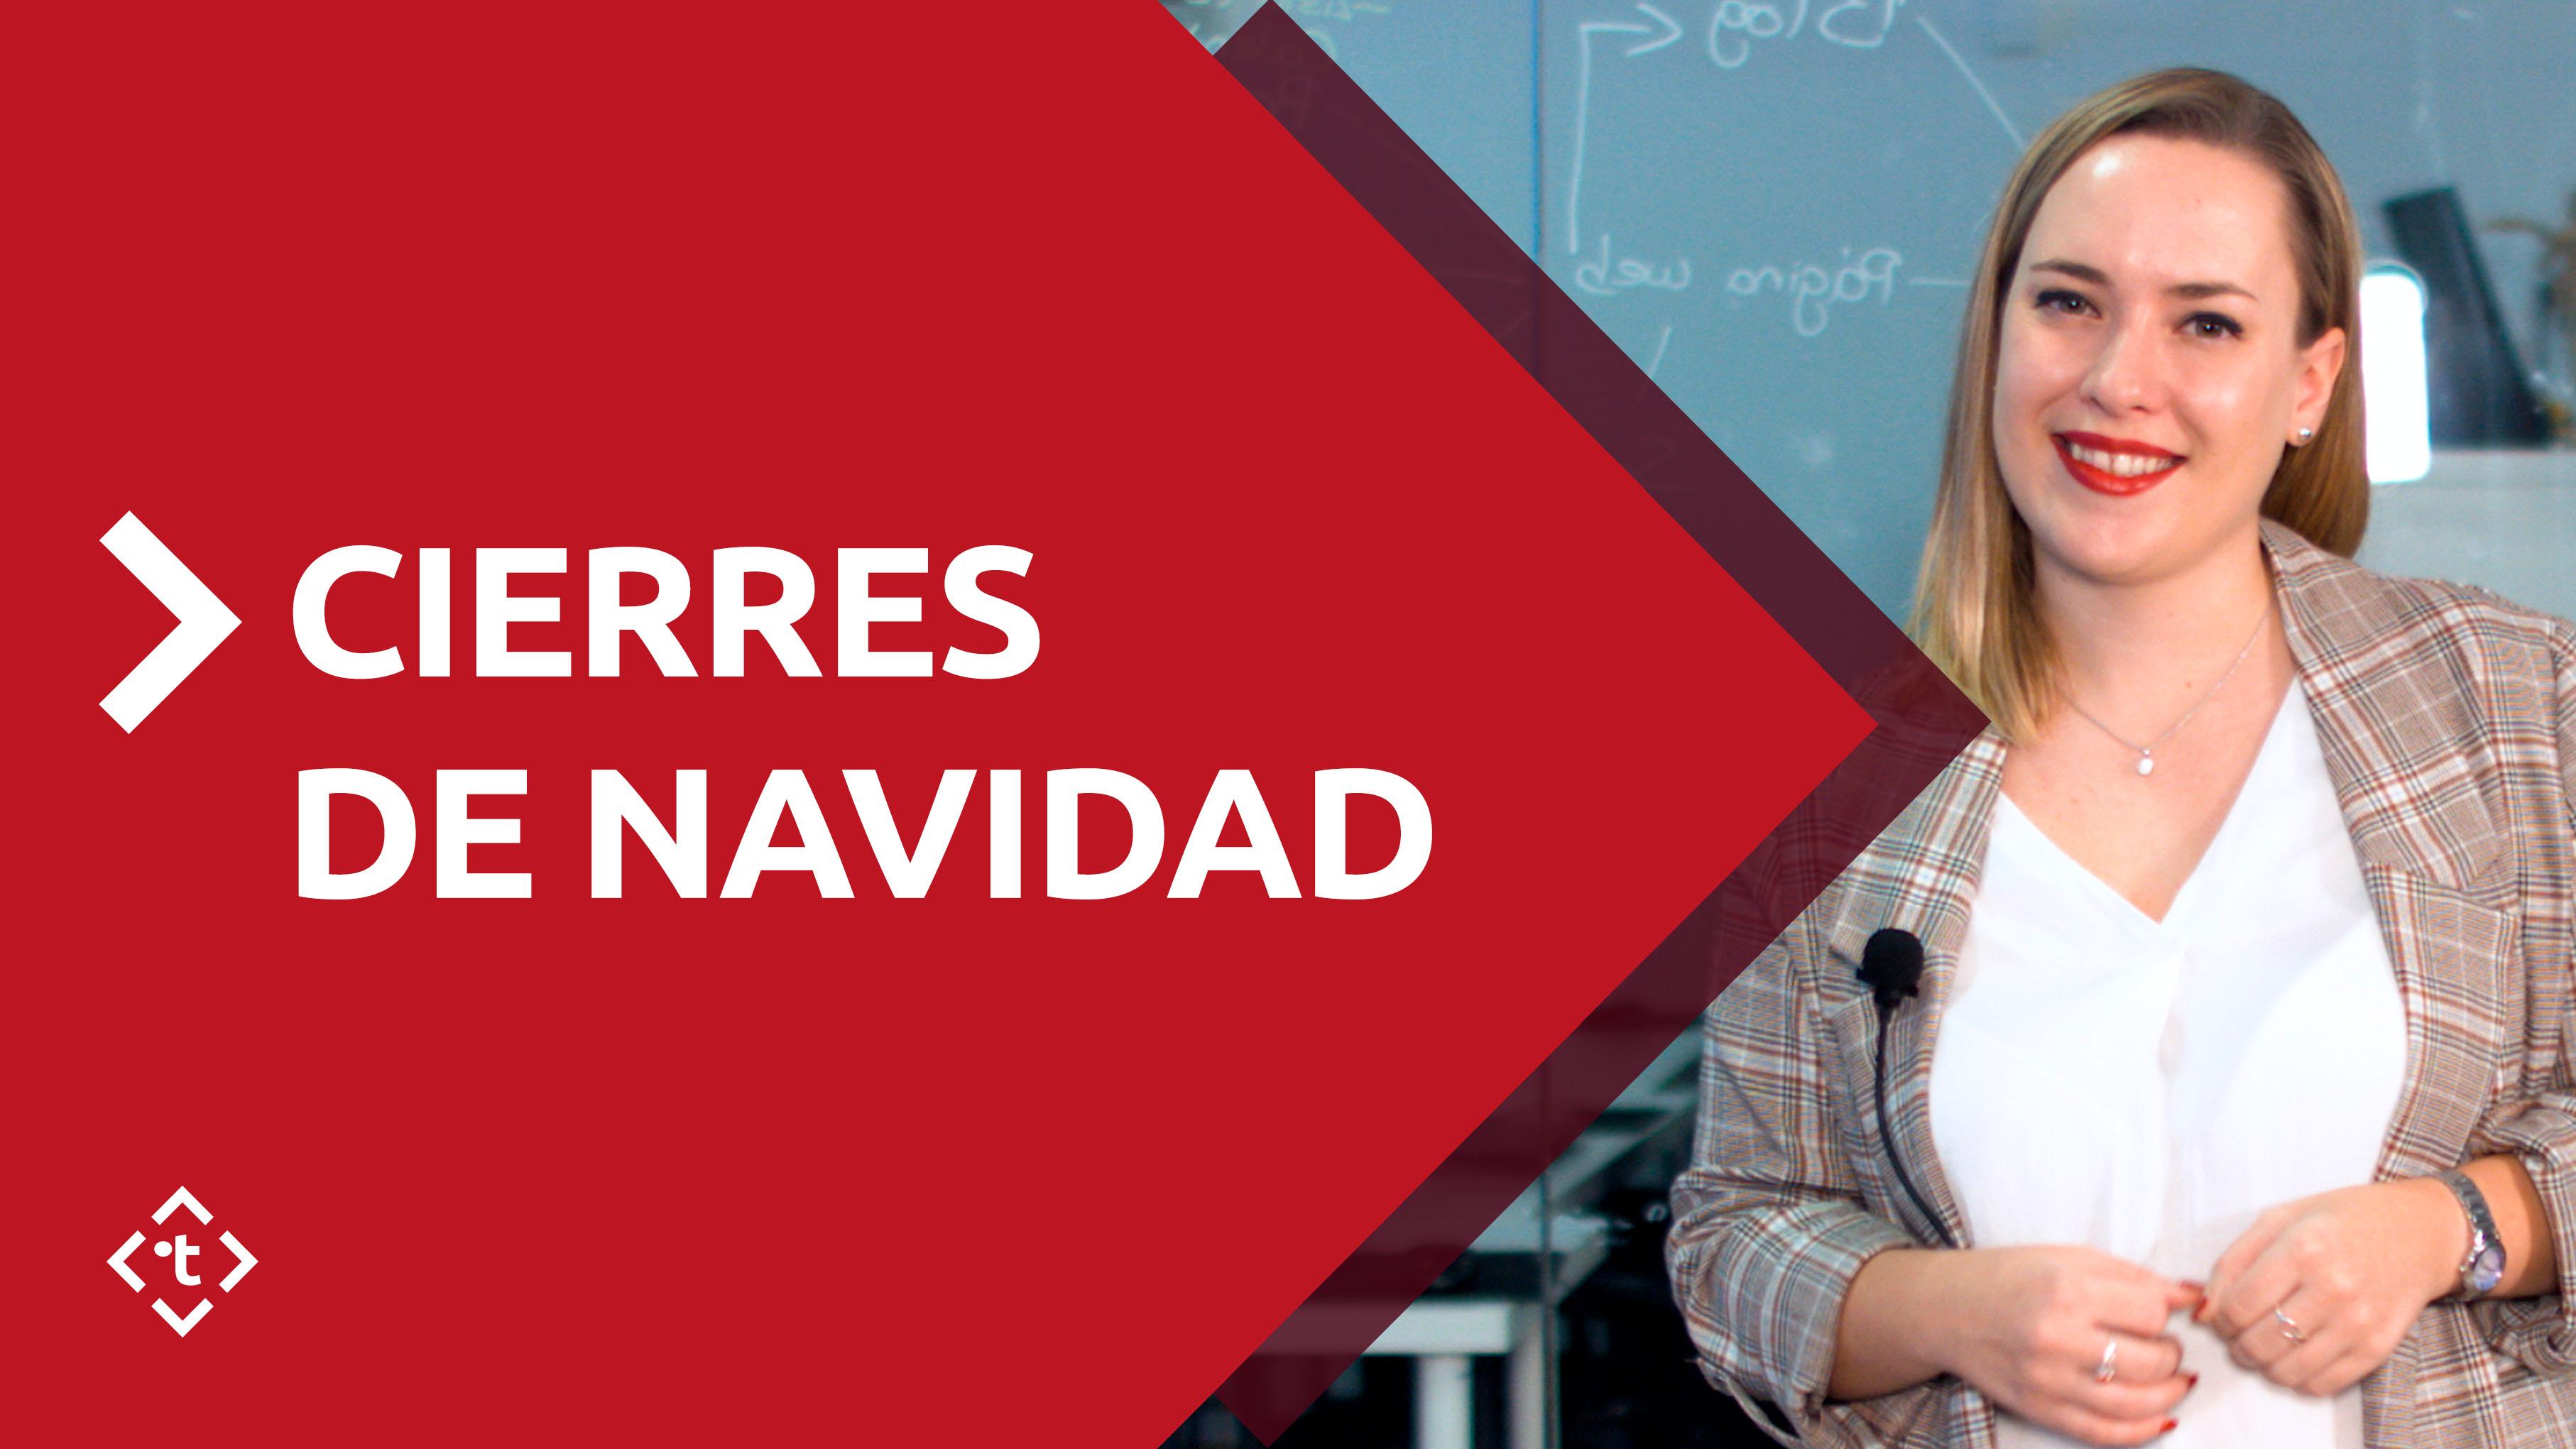 CIERRES DE NAVIDAD